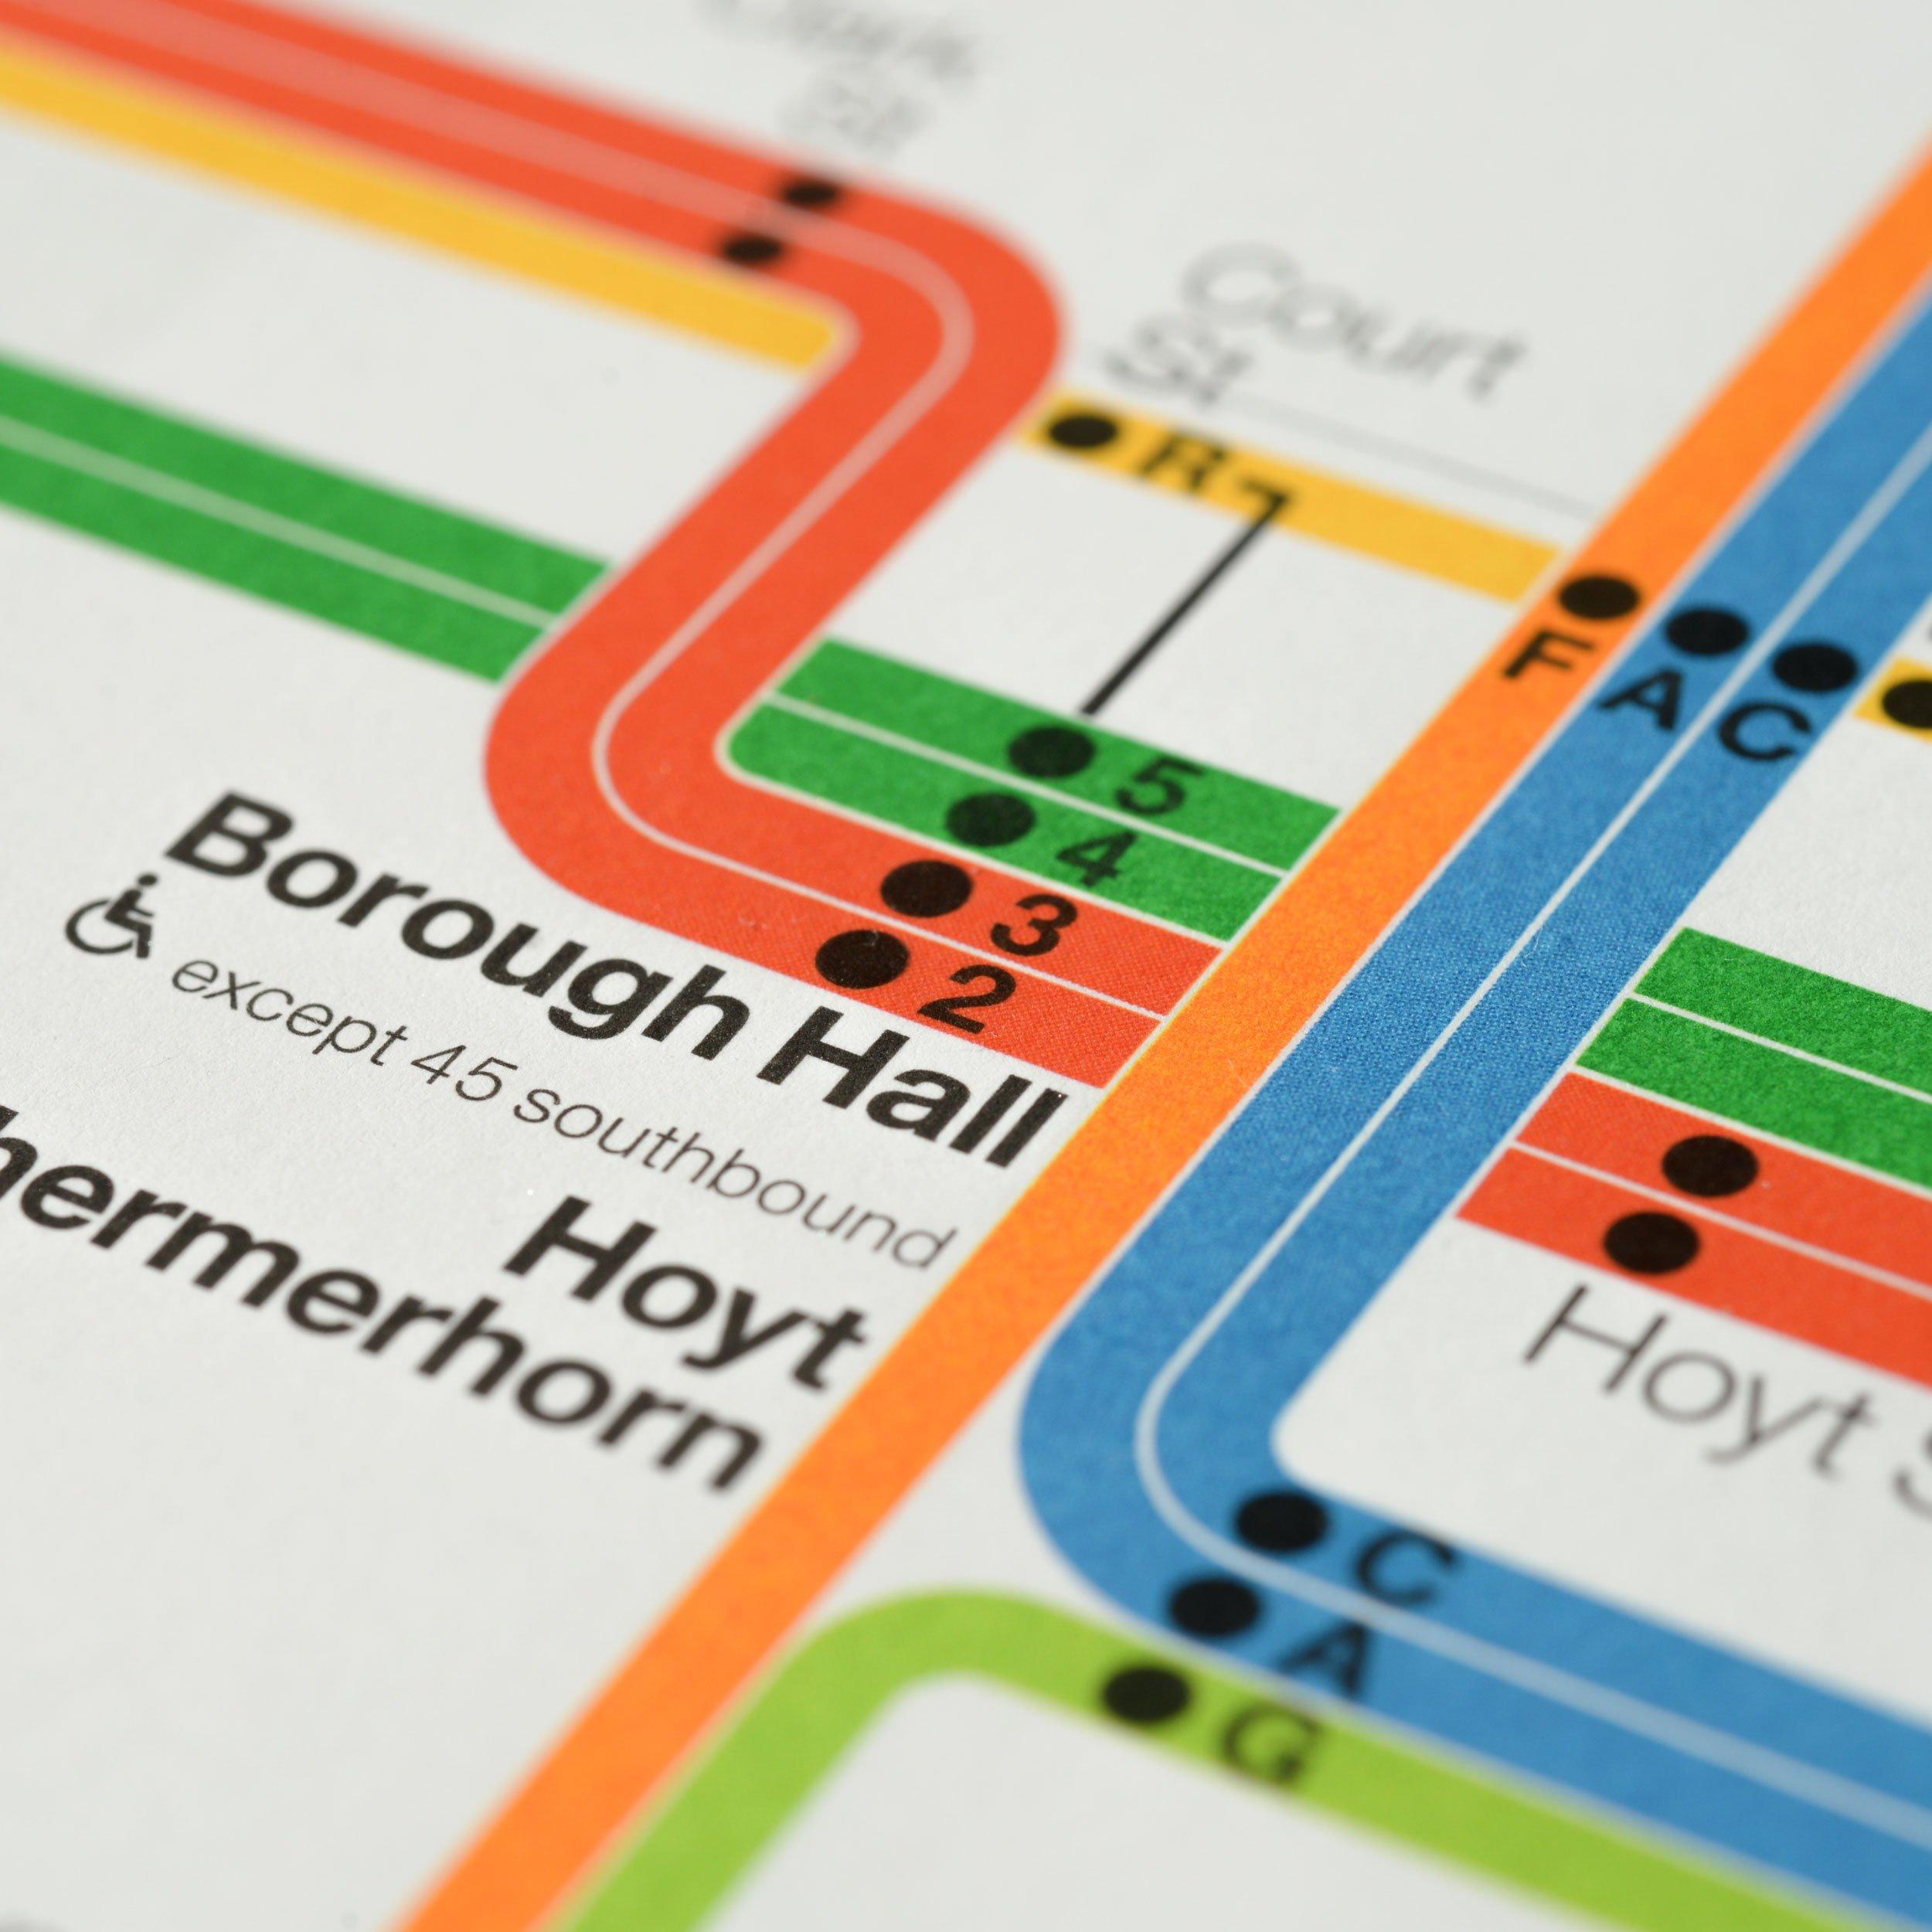 3-Diagram-detail-zoom.jpg